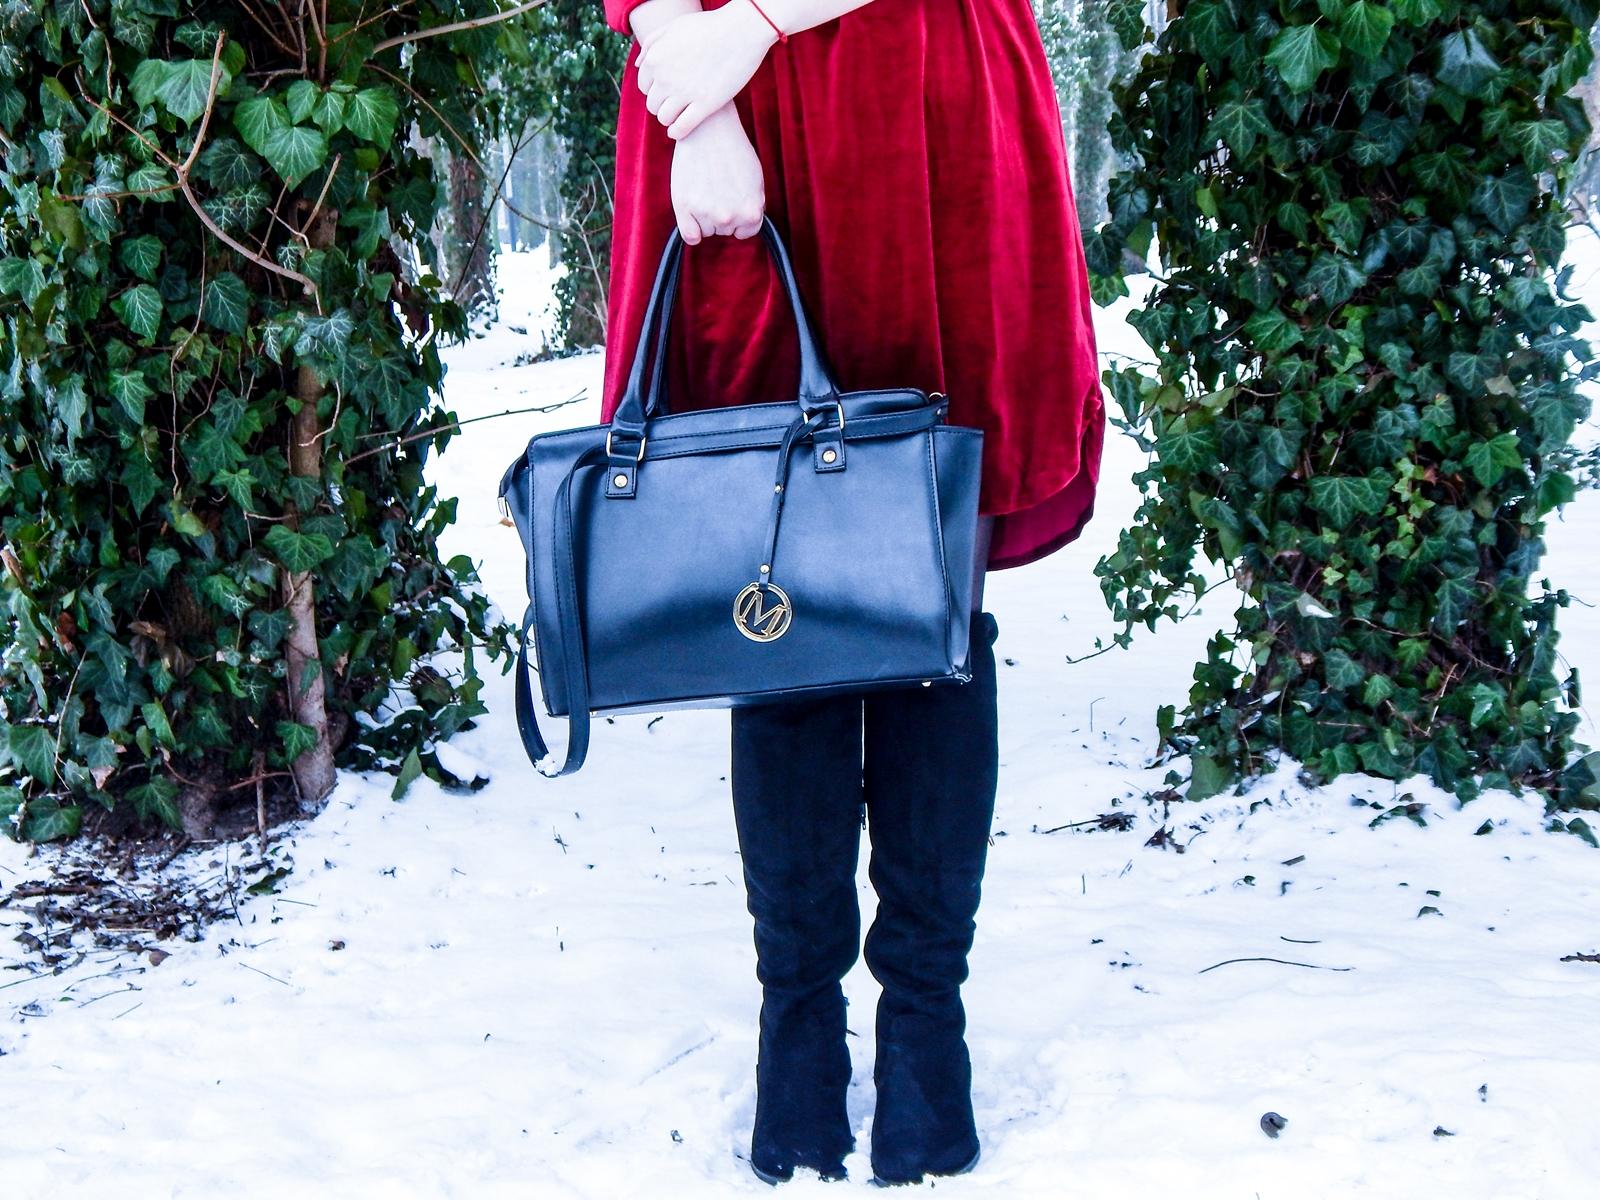 001 torebka manzana czarna czerwona aksamitna sukienka zaful choker sammydress girl fashion zimowy lookbook stylizacja melodylaniella rajstopy veera pończochy fashion moda szary płaszcz